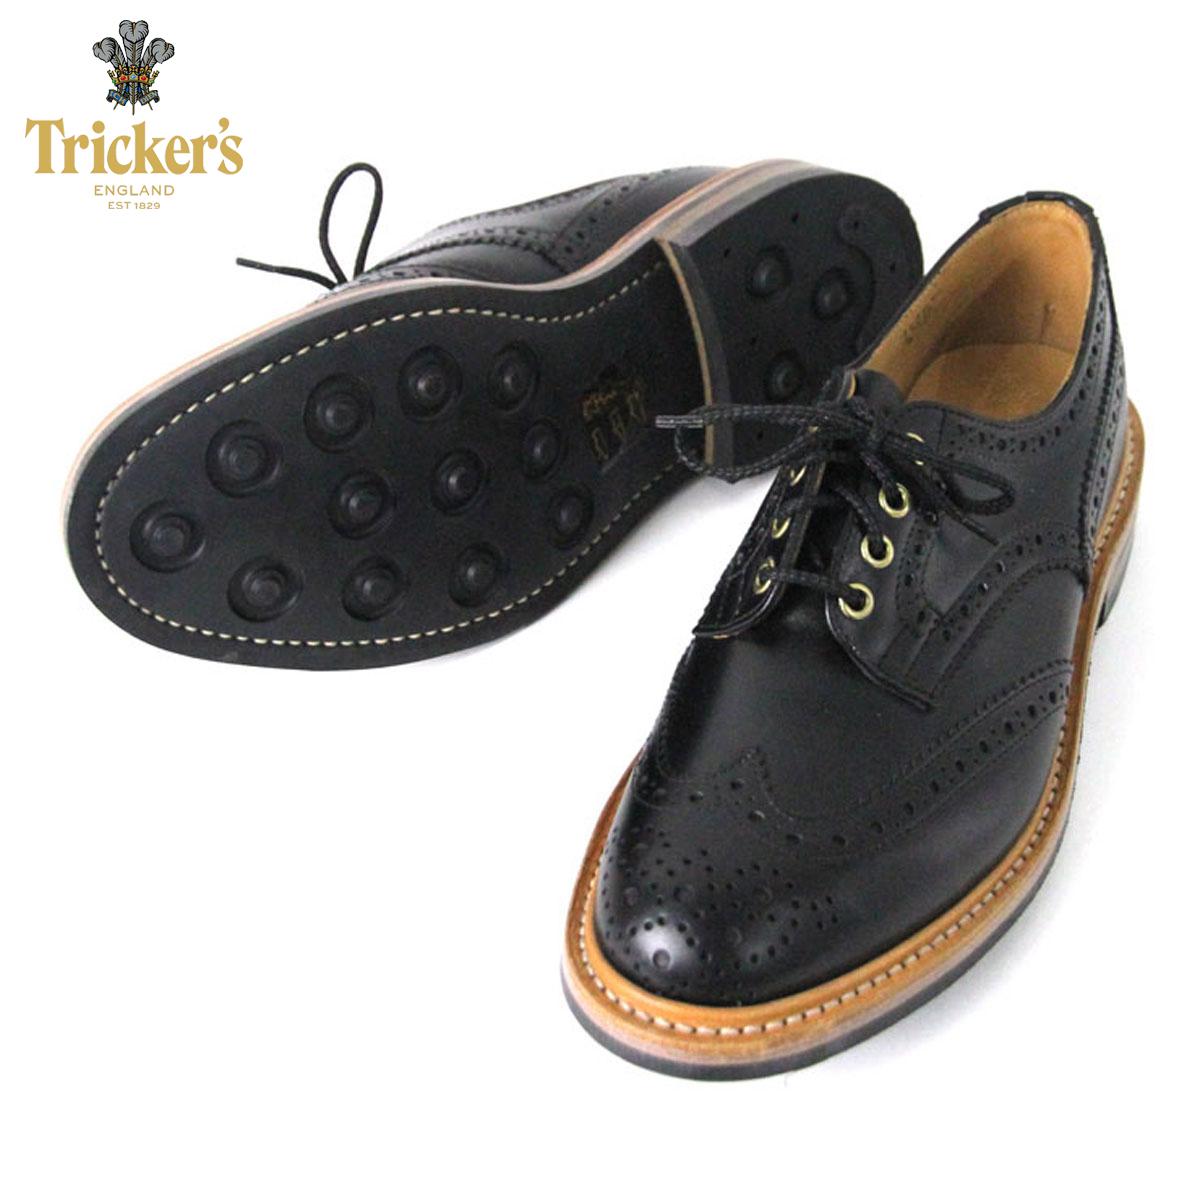 トリッカーズ TRICKERS 正規販売店 カントリーシューズ TRICKER'S M7292 WING TIP SHOES BLACK A86B B1C C4D D5E E13F